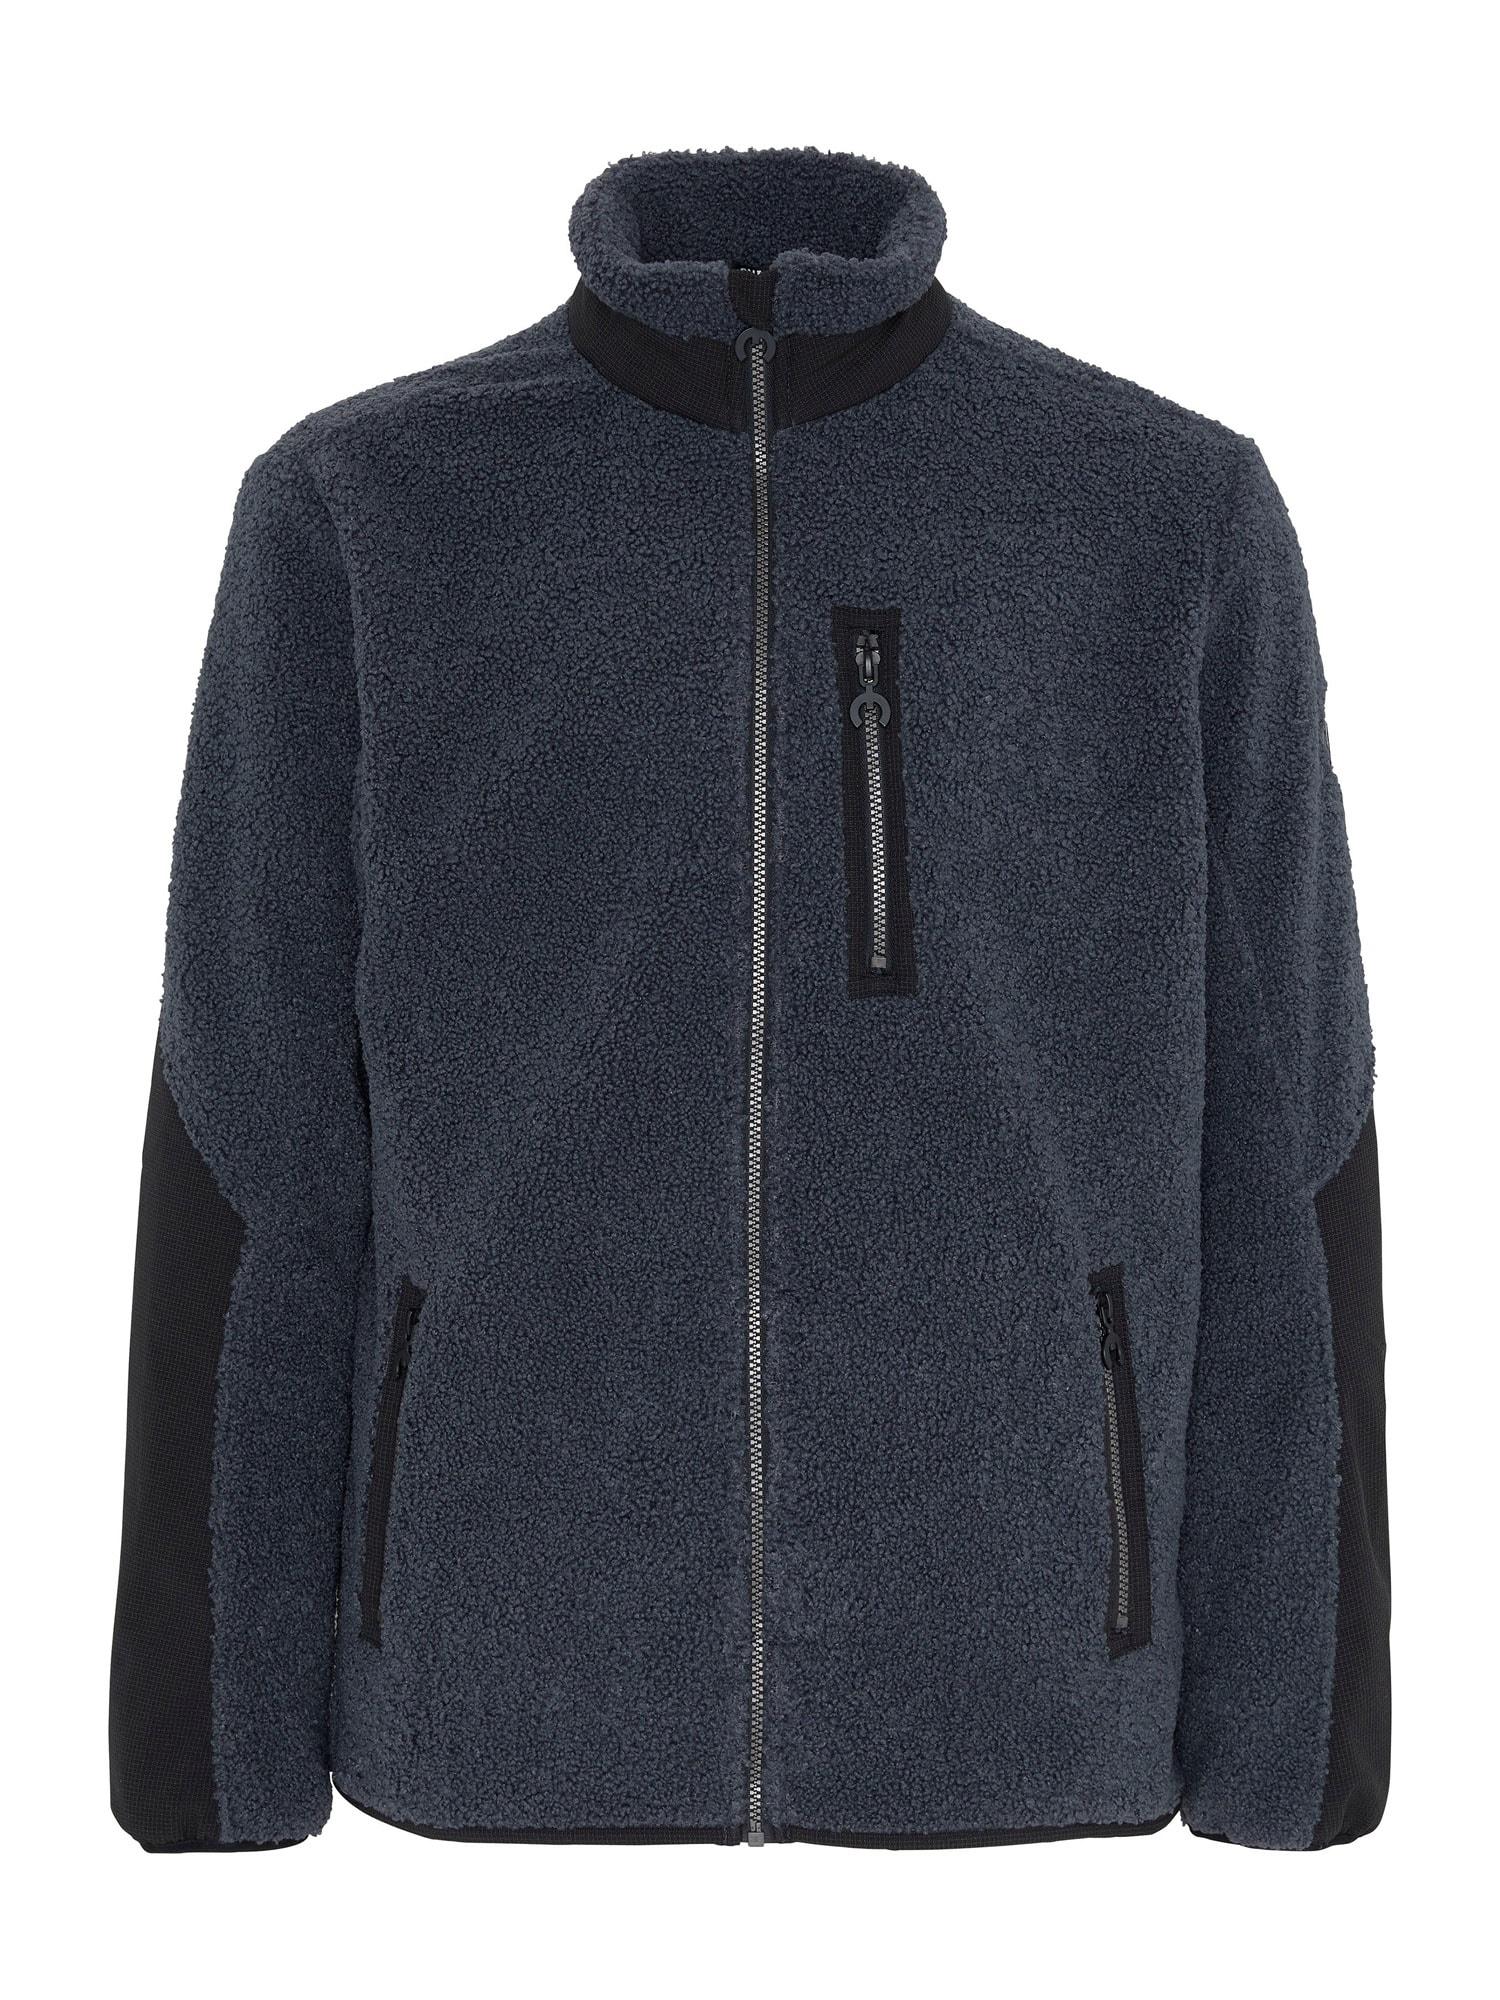 CHIEMSEE Outdoorová bunda 'CHO OYU'  tmavě šedá / černá